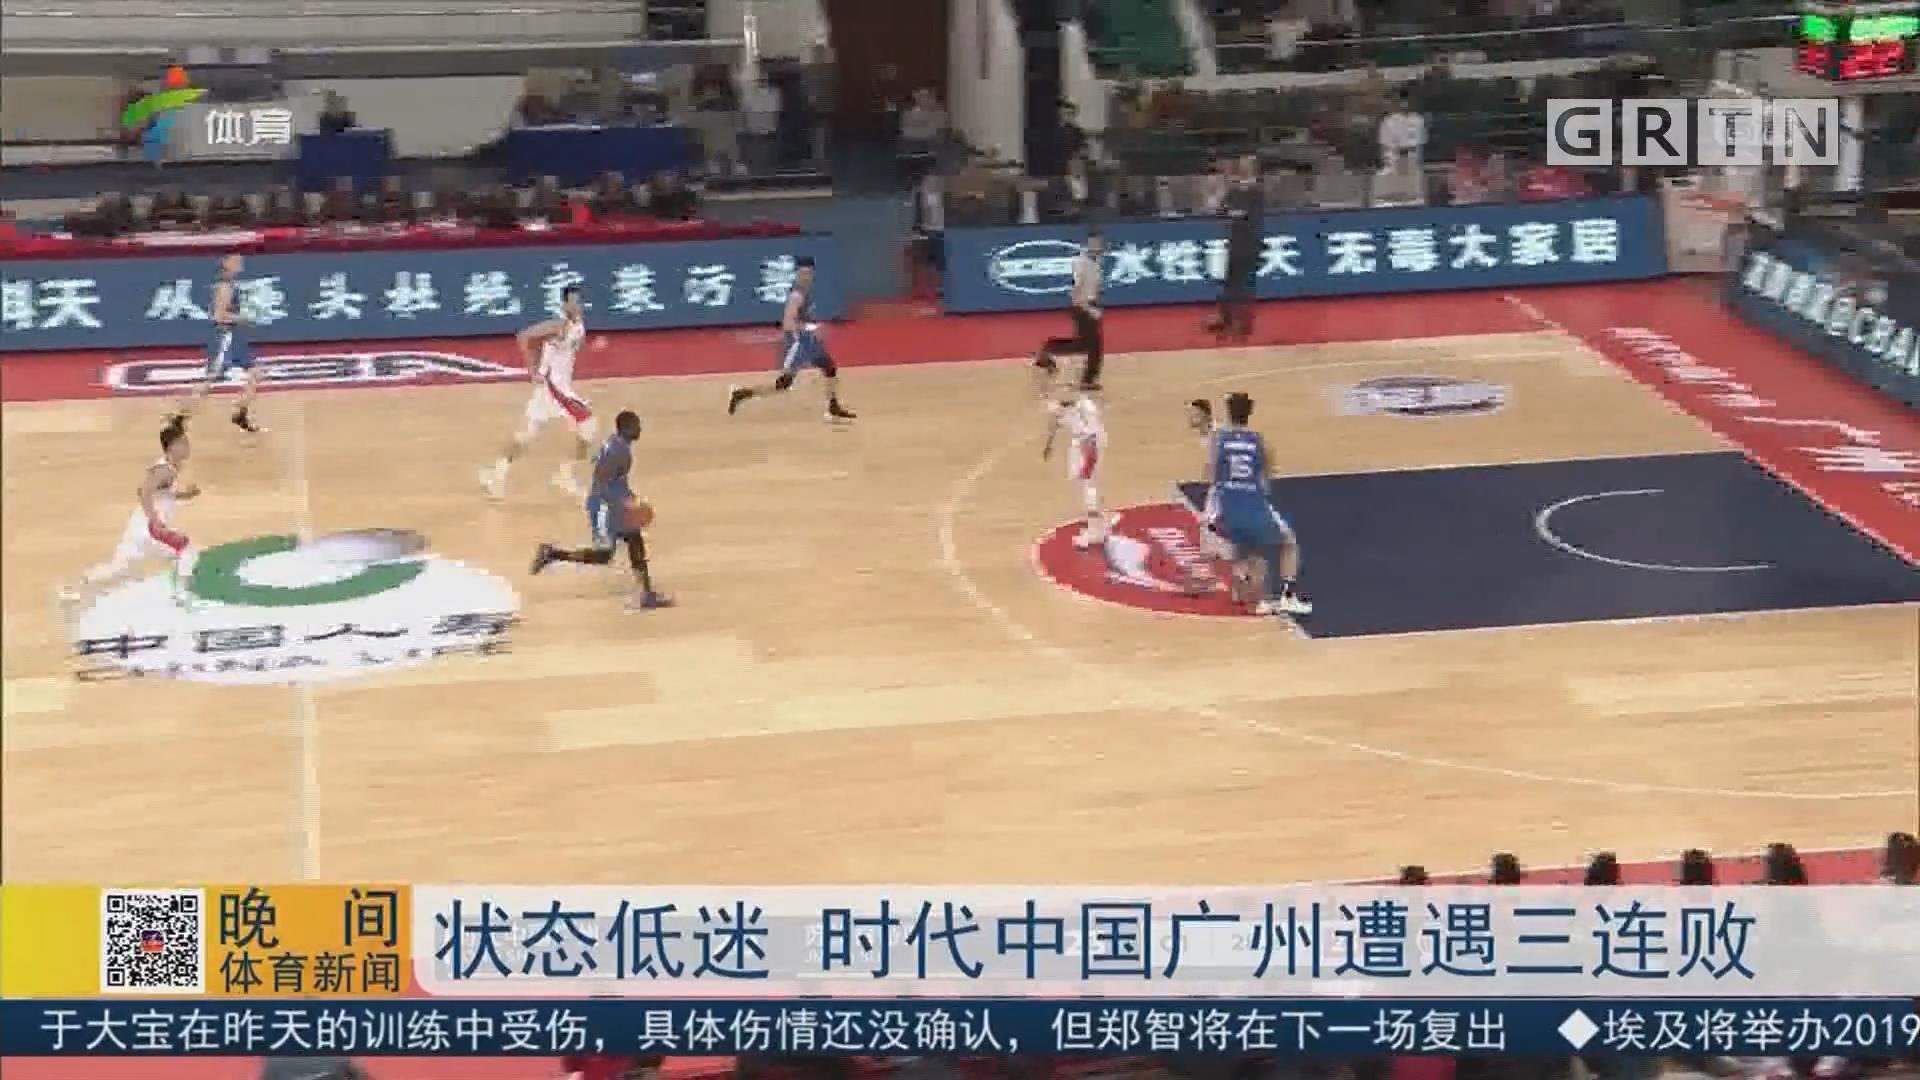 状态低迷 时代中国广州遭遇三连败